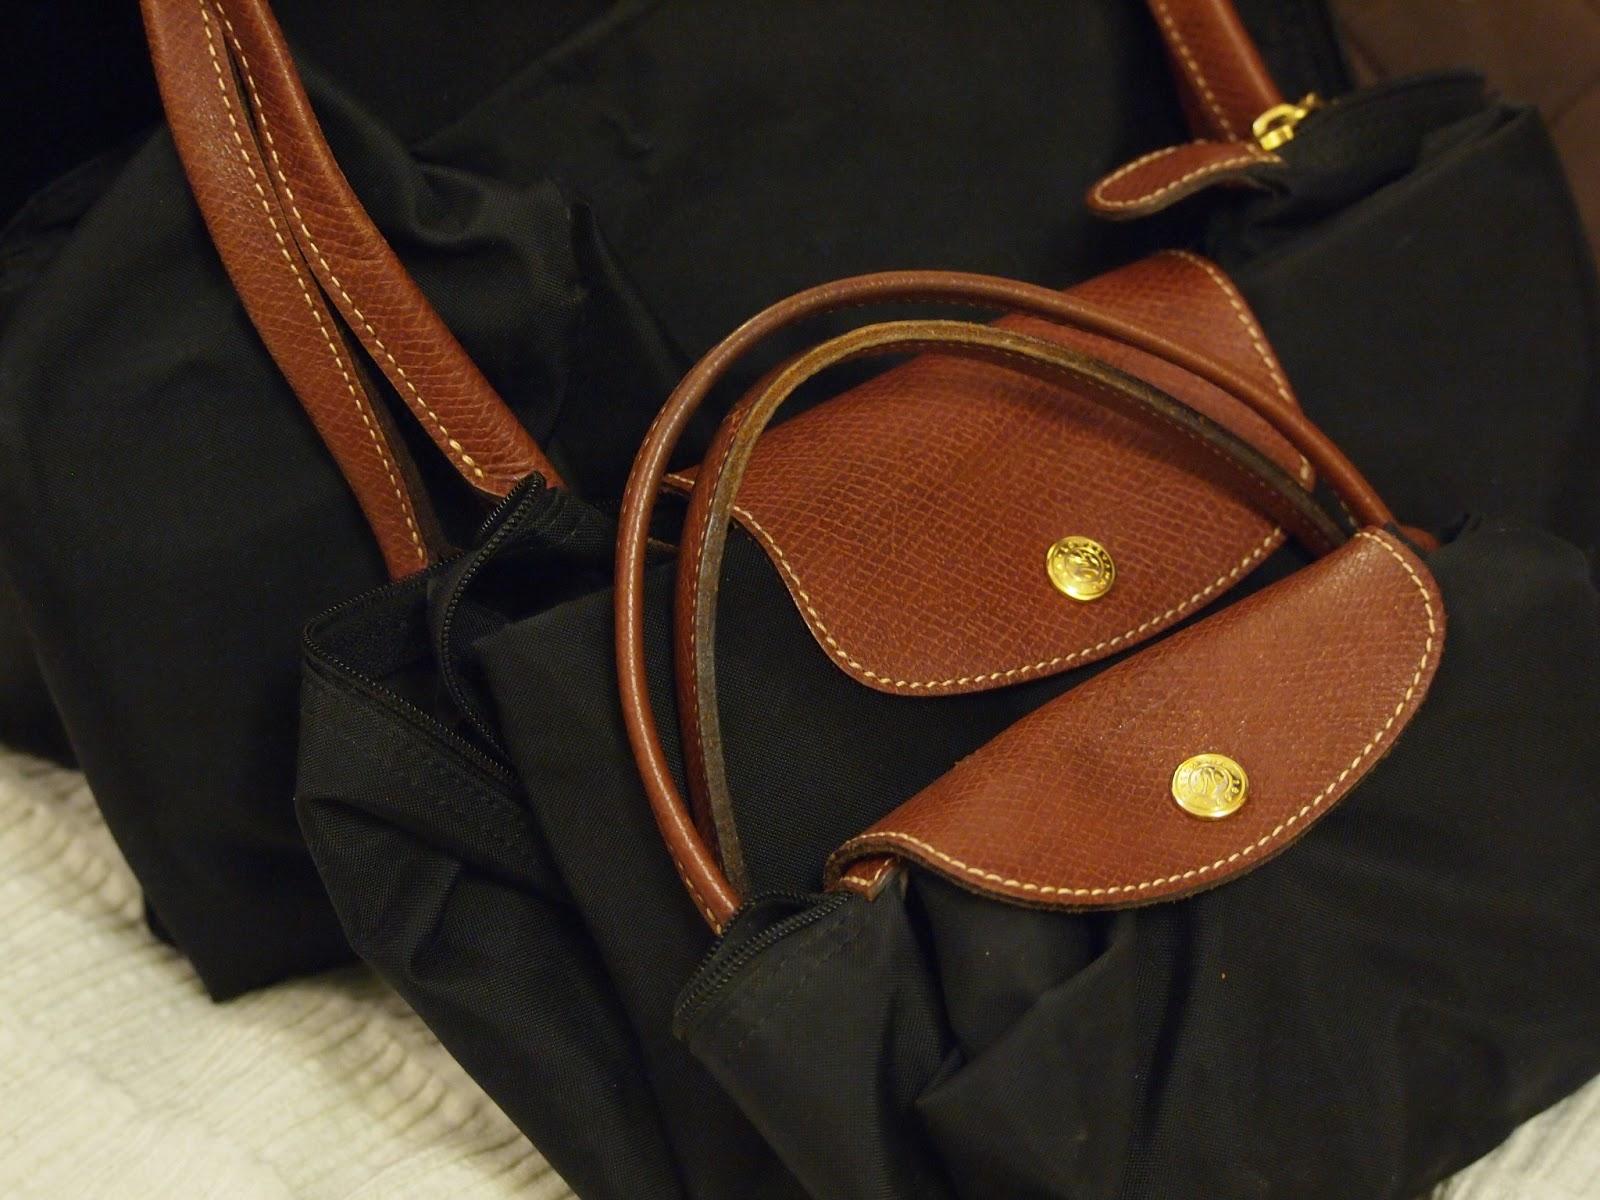 Merkki Laukut : Xl el?m?? me and my bags